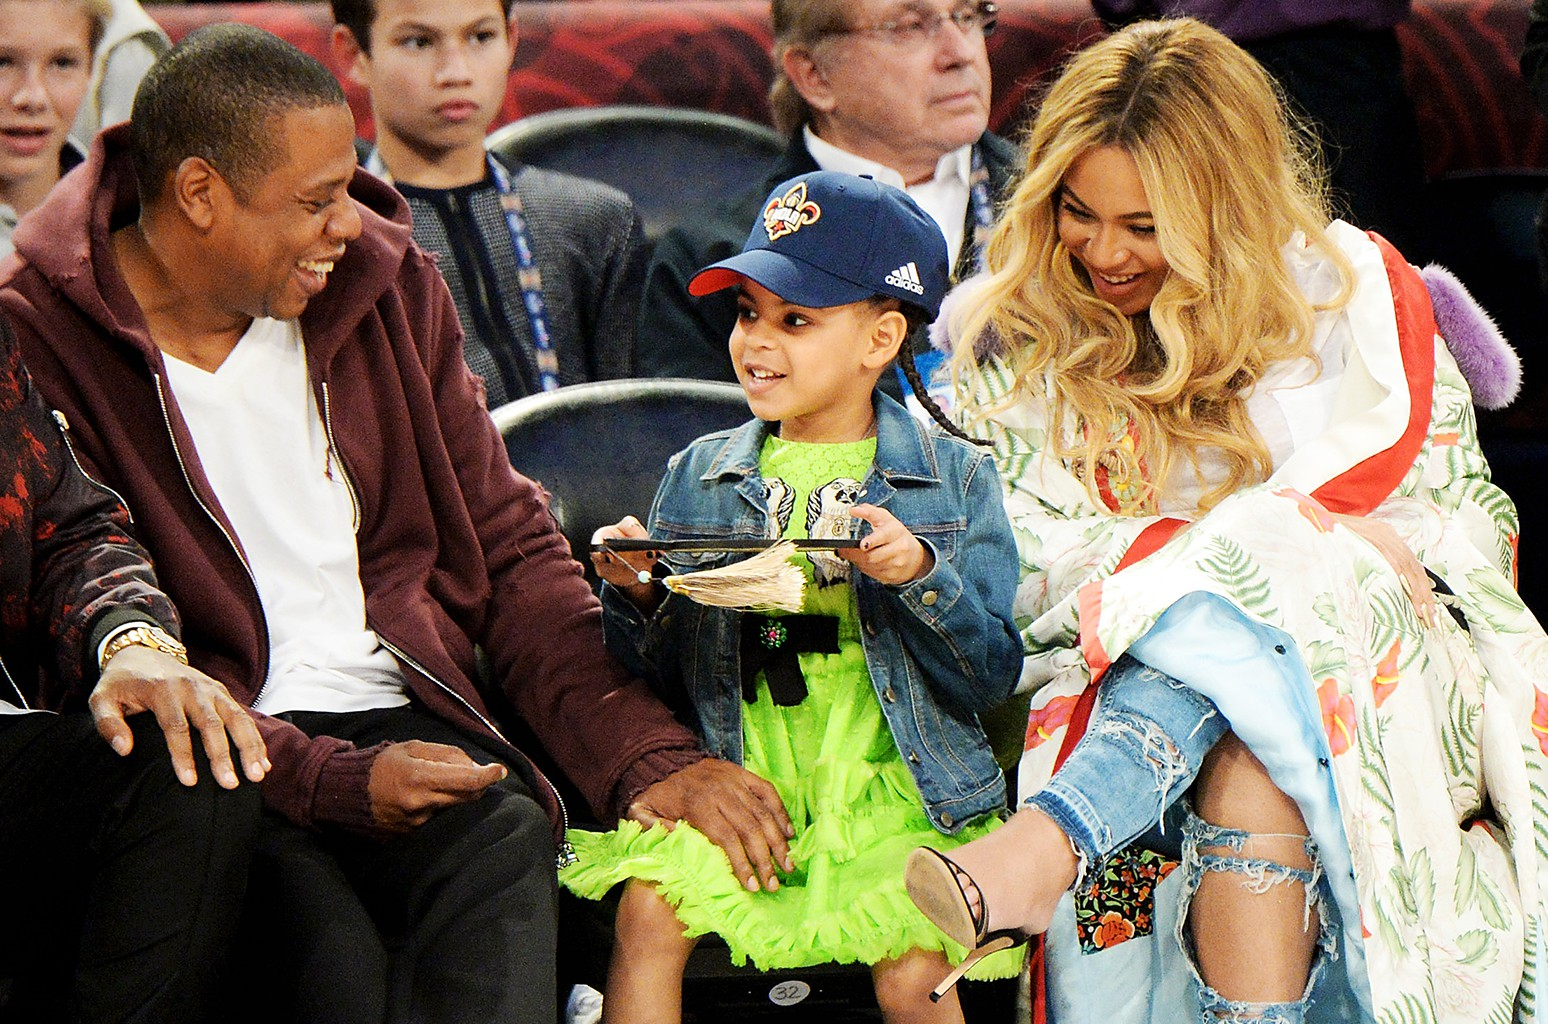 Đẳng cấp ái nữ nhà Beyoncé & Jay-Z: tròn 6 tuổi đã có stylist riêng lẫn tủ đồ hiệu vạn người mê - Ảnh 2.